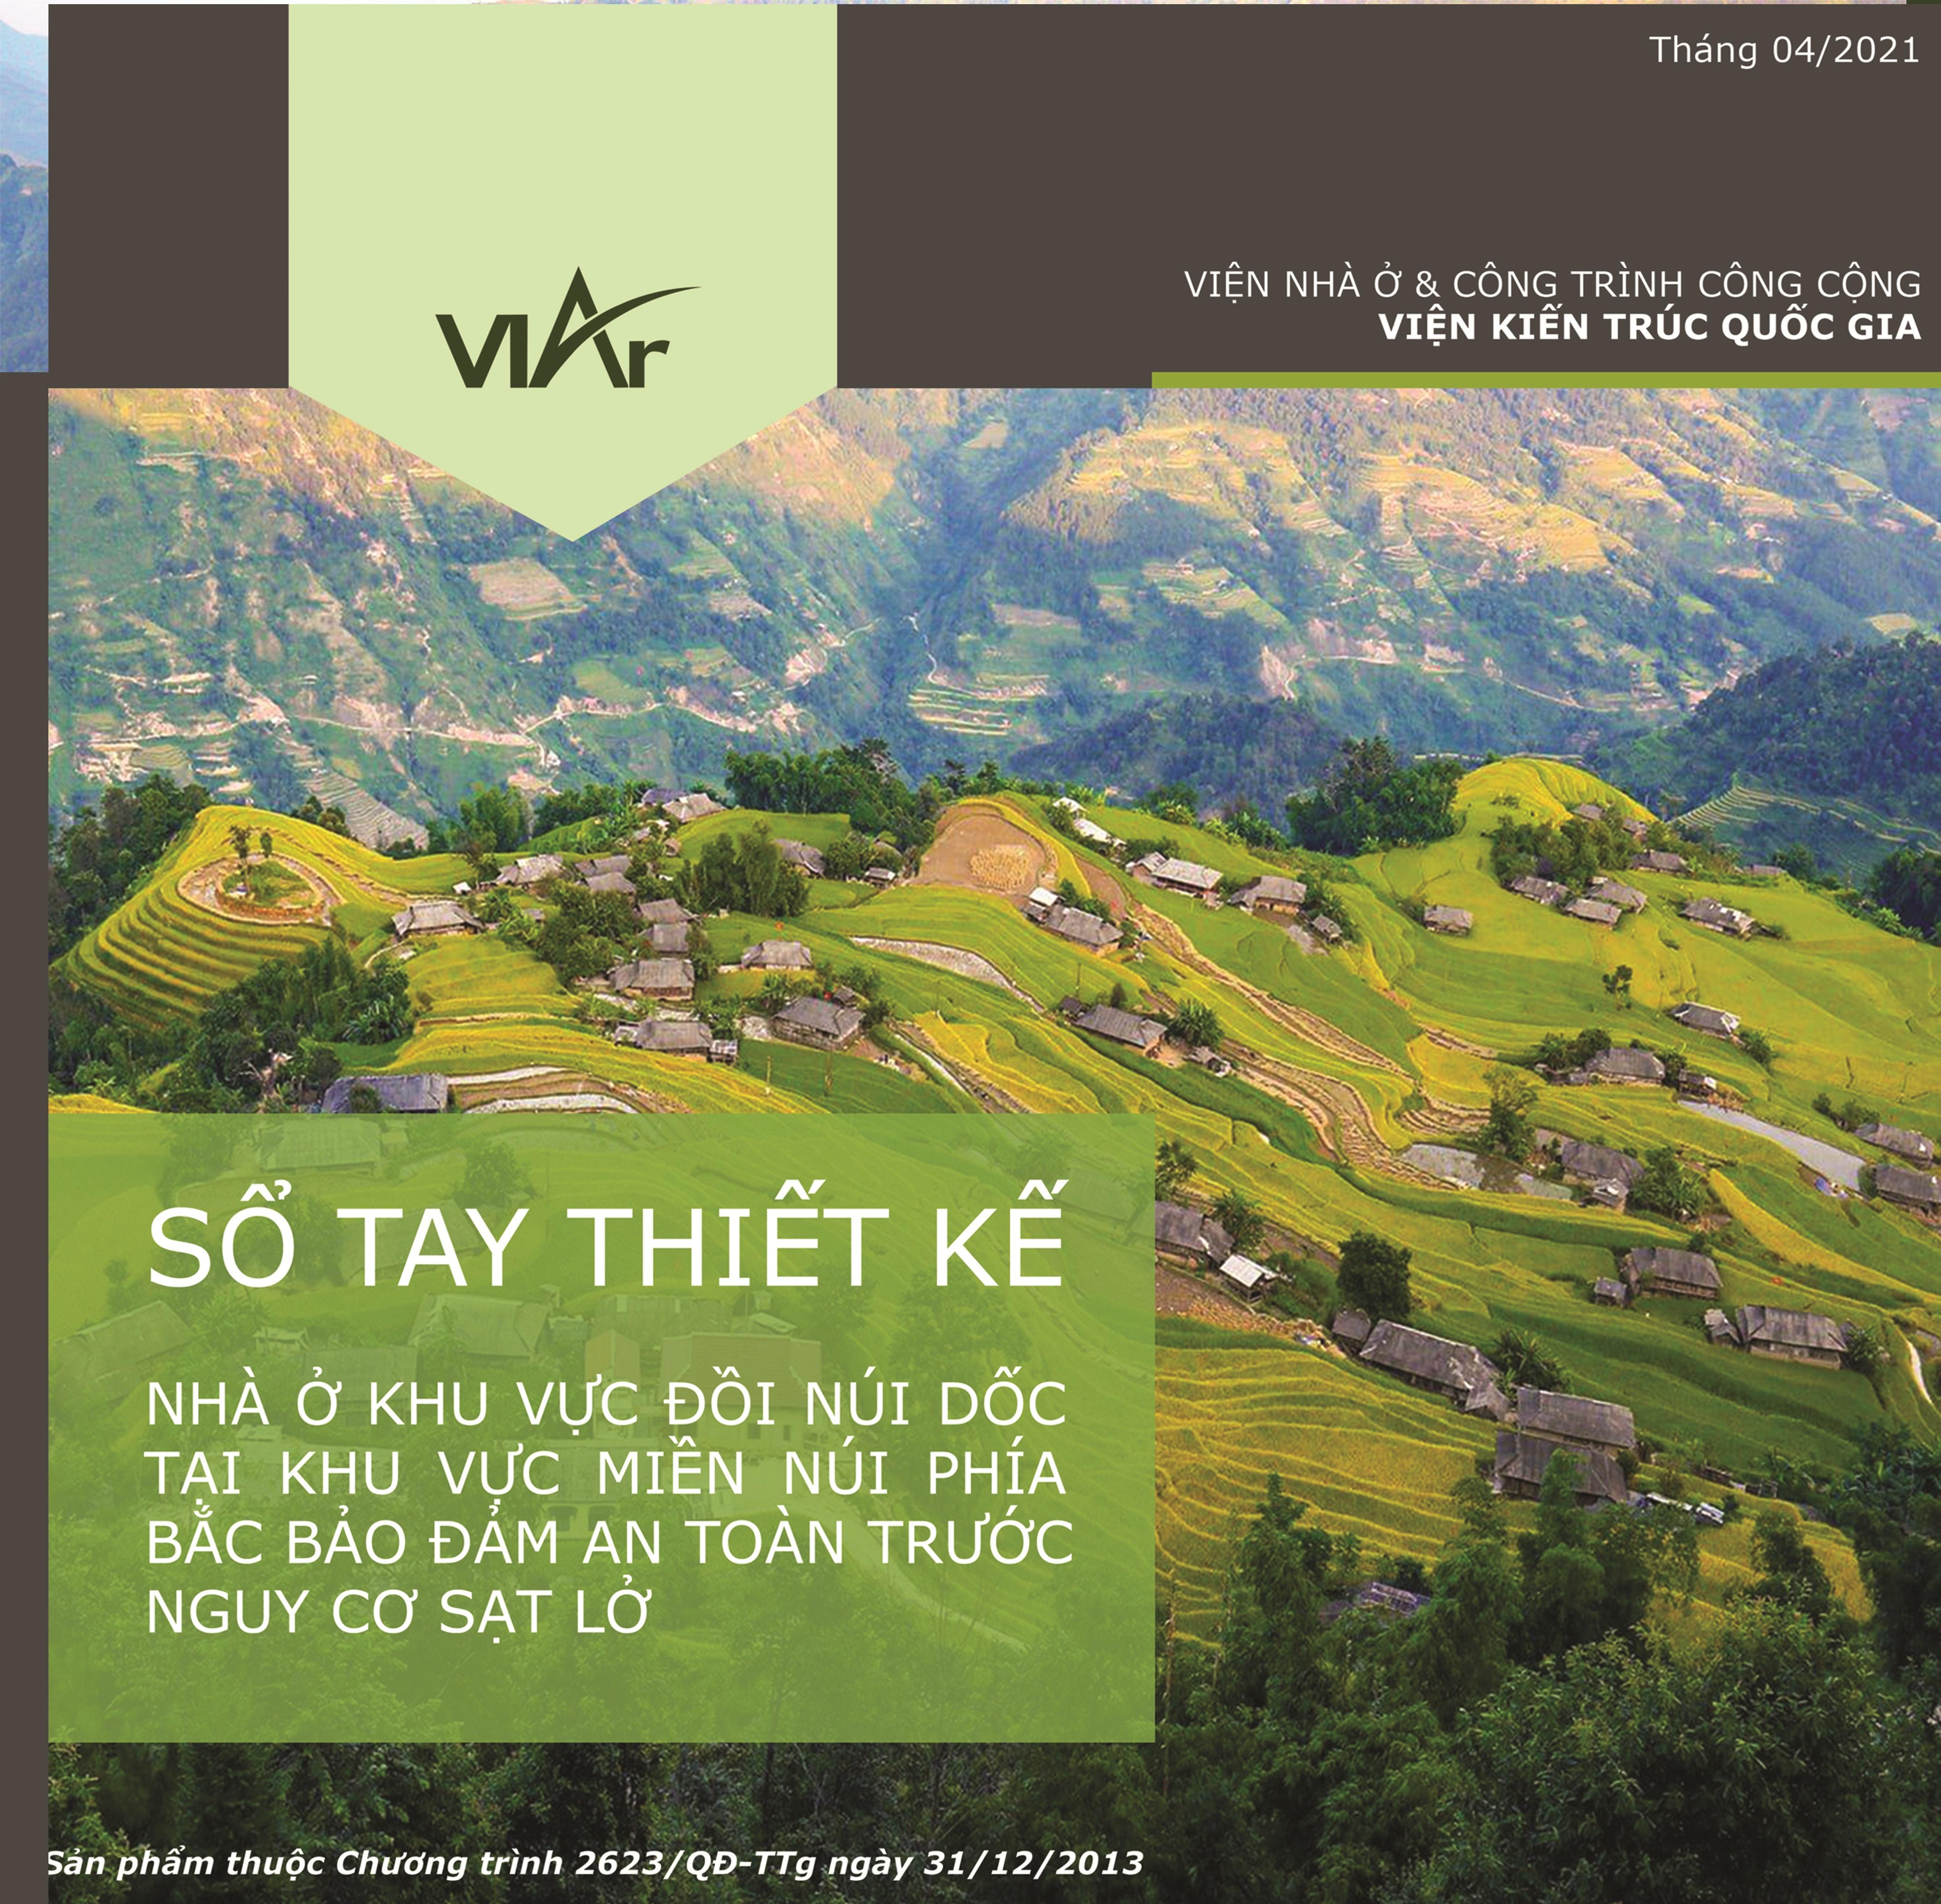 Nghiên cứu sổ tay hướng dẫn thiết kế nhà ở khu vực đồi núi dốc tại khu vực miền núi phía Bắc bảo đảm an toàn trước nguy cơ sạt lở